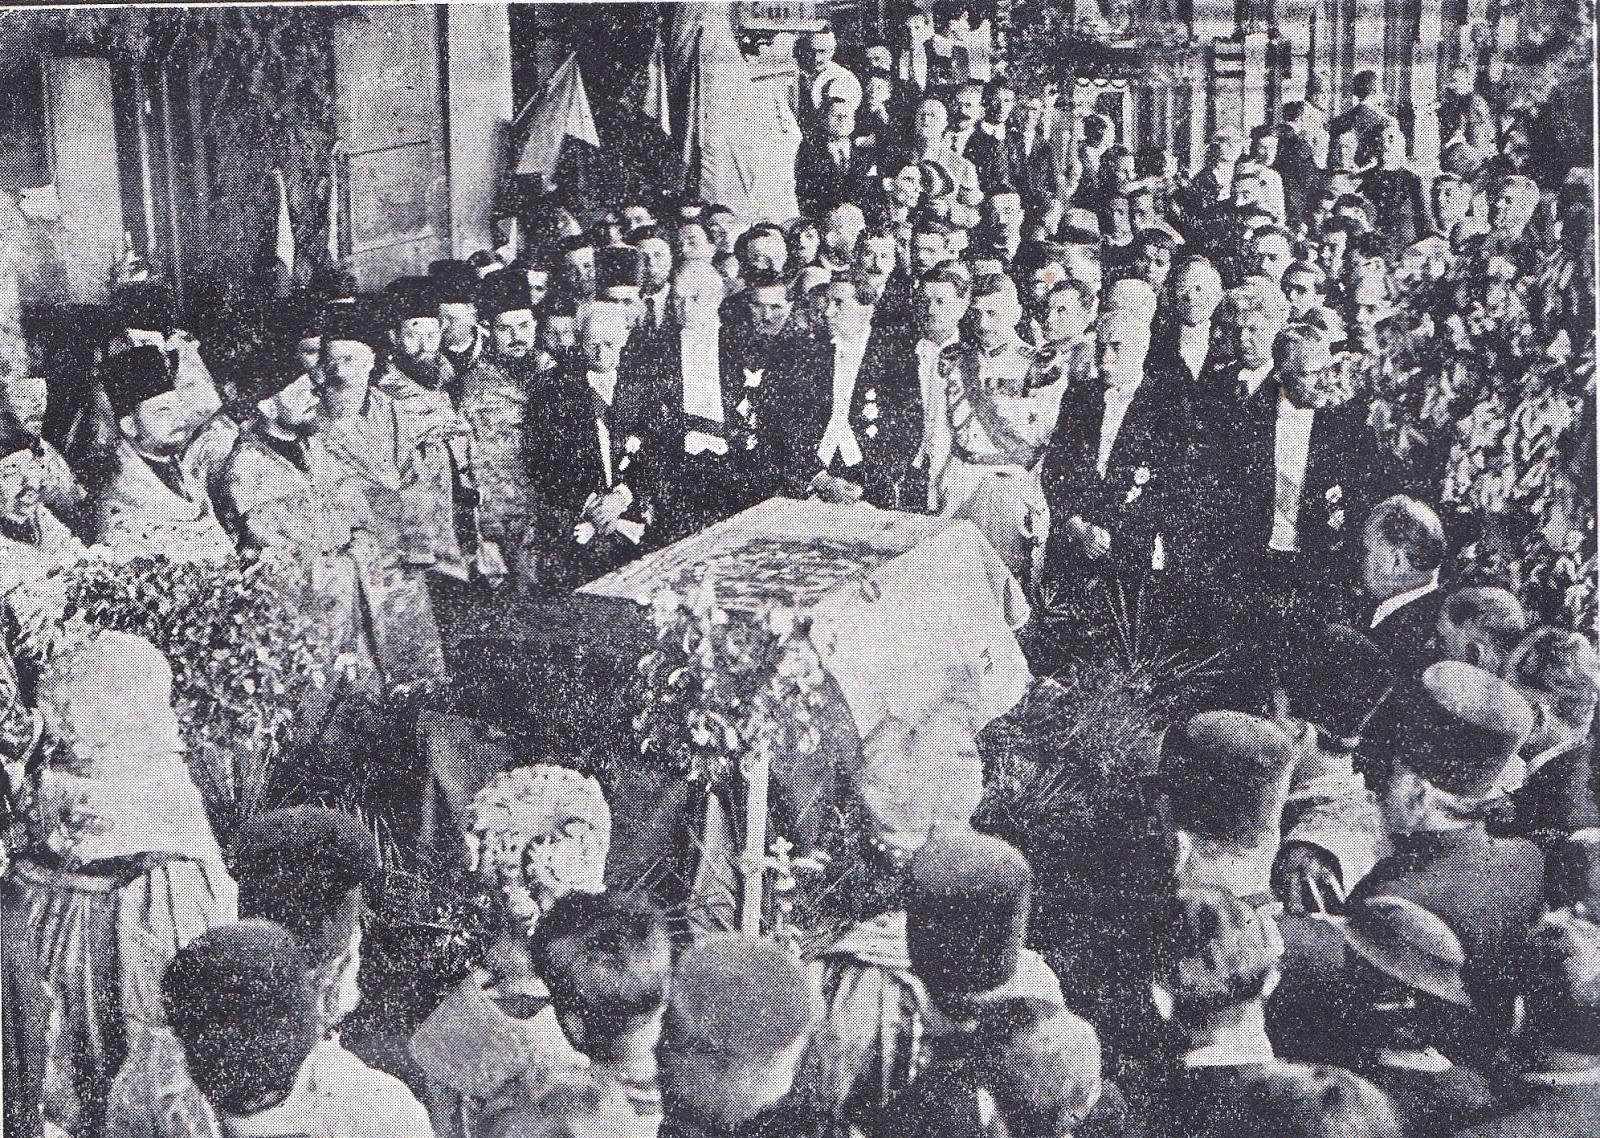 Serviciul religios de la Iași, ținut în fața osemintelor lui Dimitrie Cantemir.